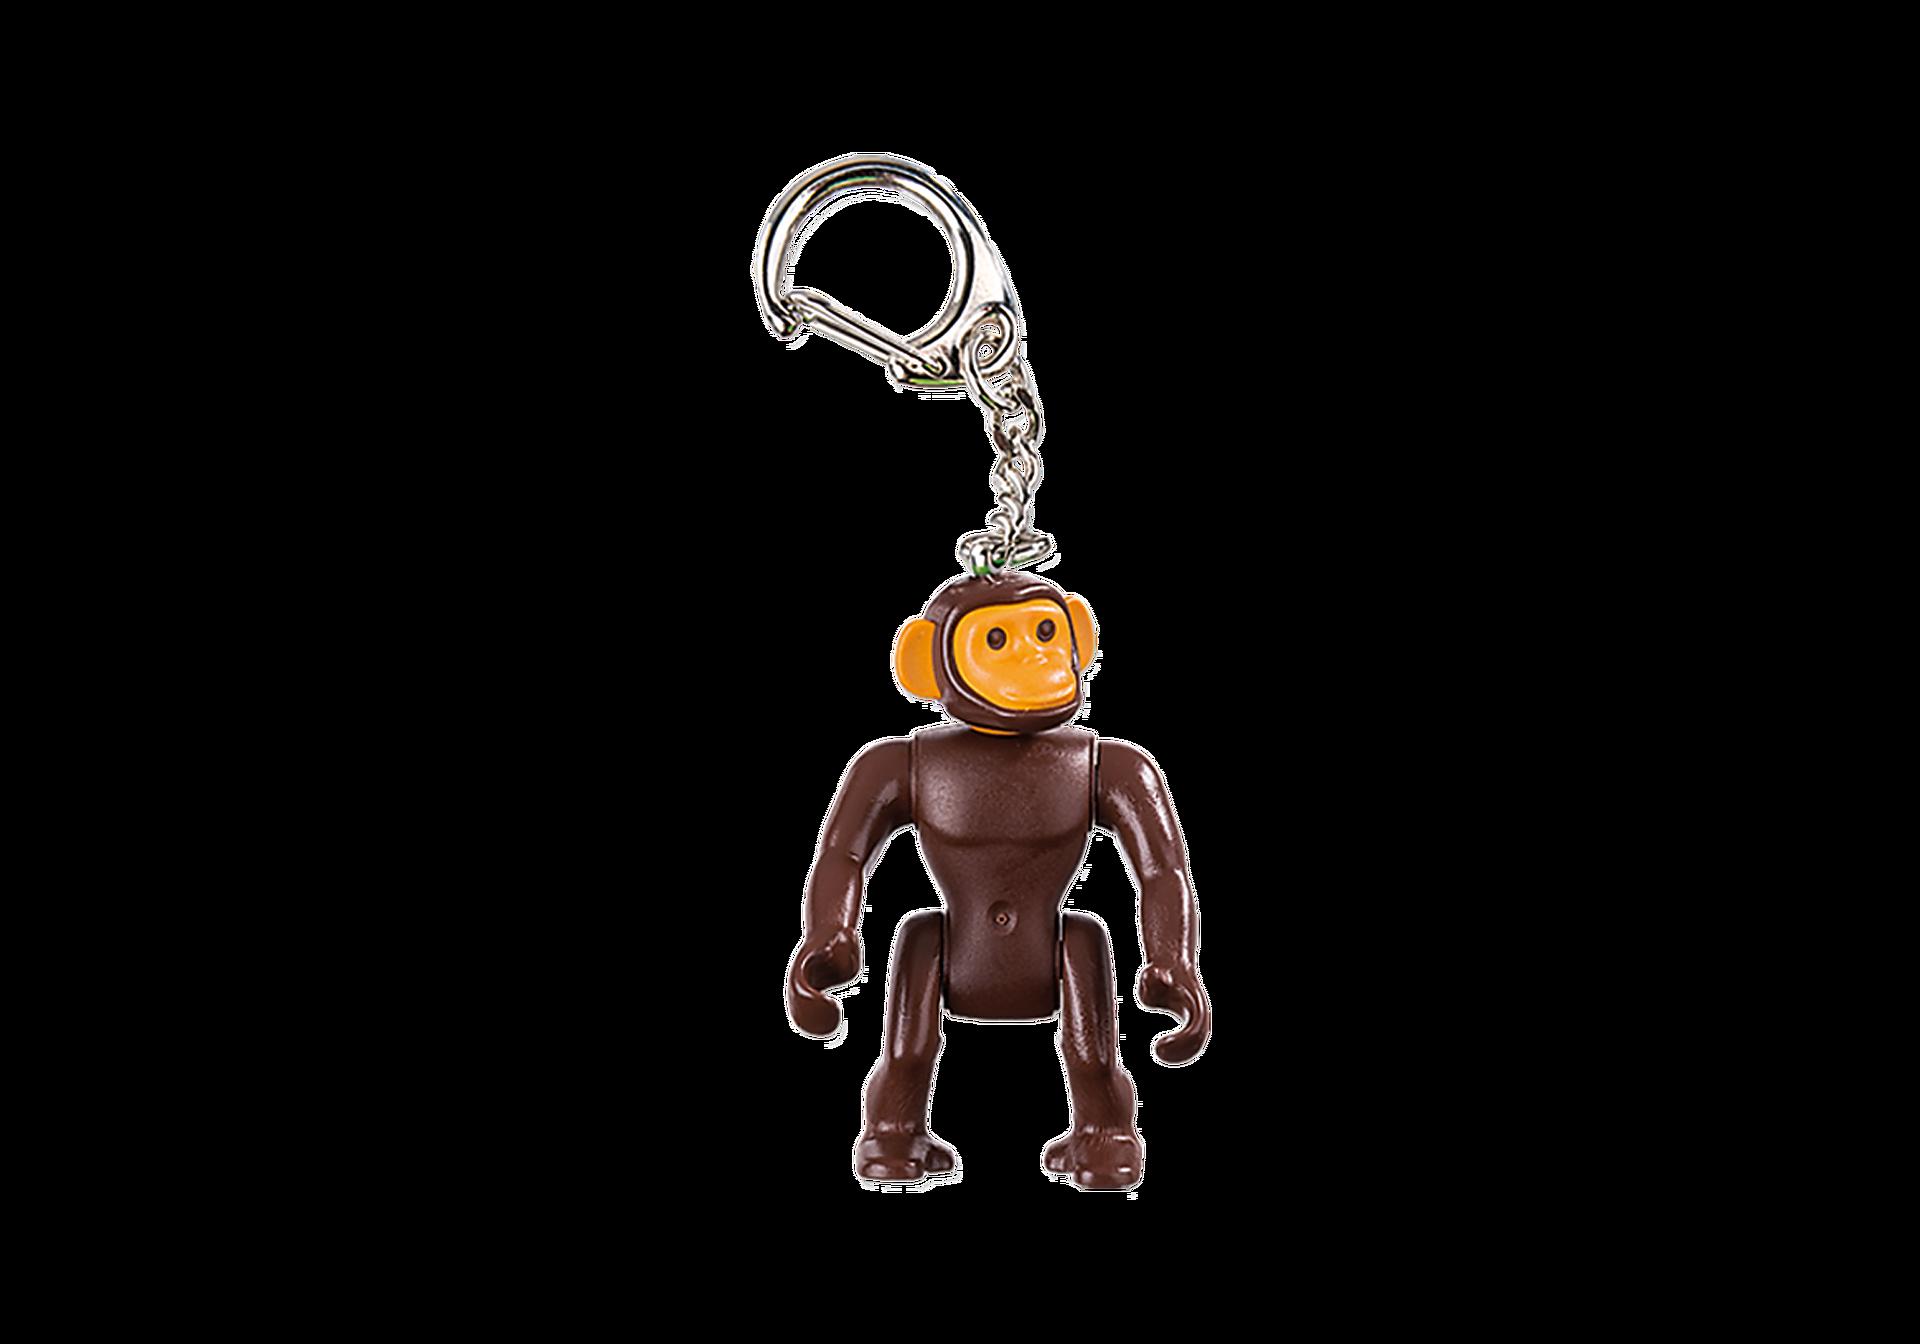 6611 Schlüsselanhänger Schimpanse zoom image1